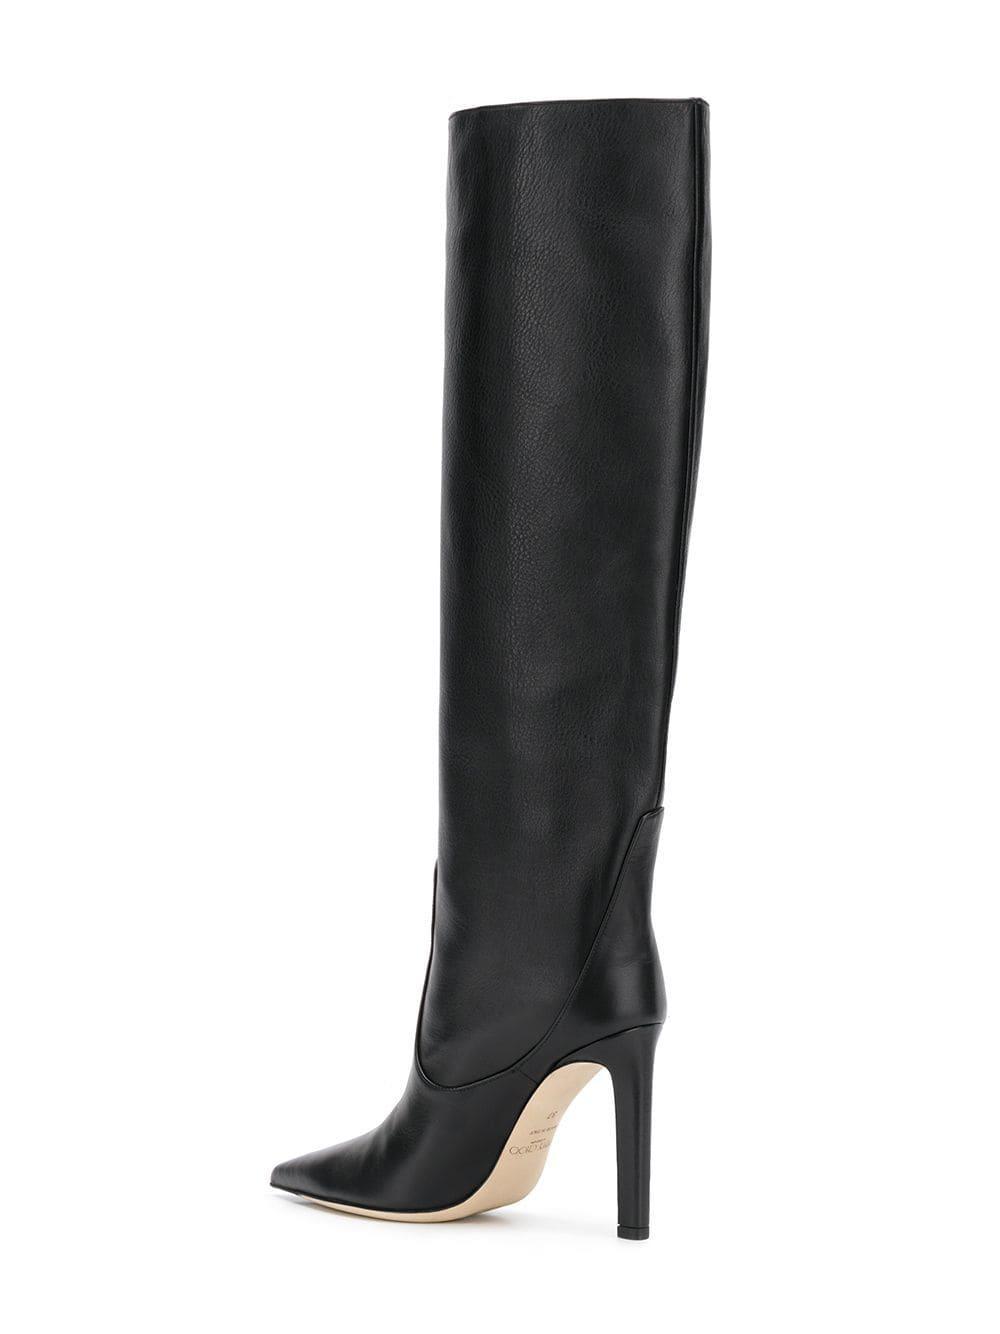 11b17bfee94 Jimmy Choo - Black Mavis 100 Boots - Lyst. View fullscreen